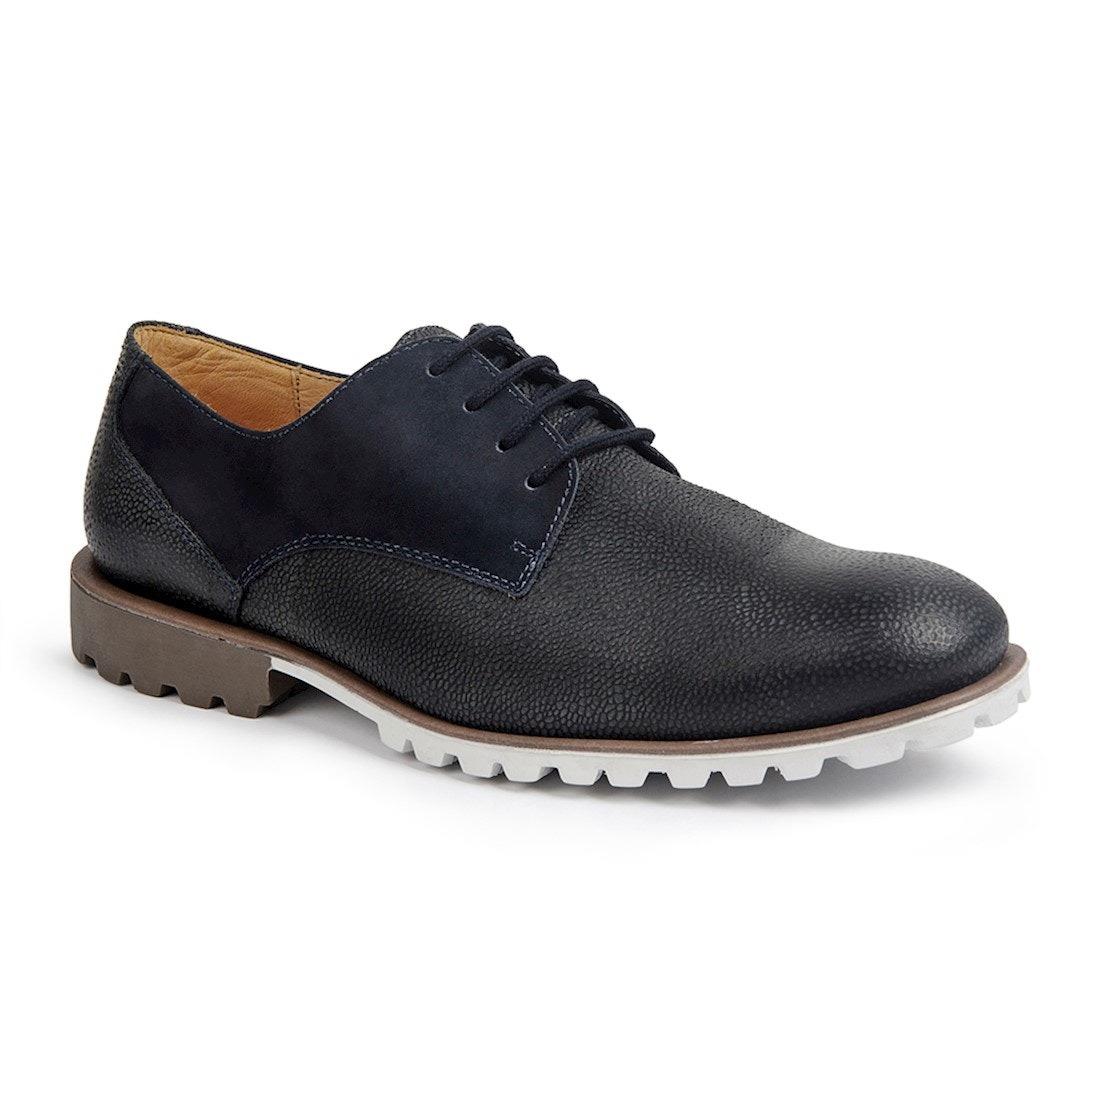 f7a7f5d05e sapato esporte fino masculino sandro moscoloni split azul. Carregando zoom.